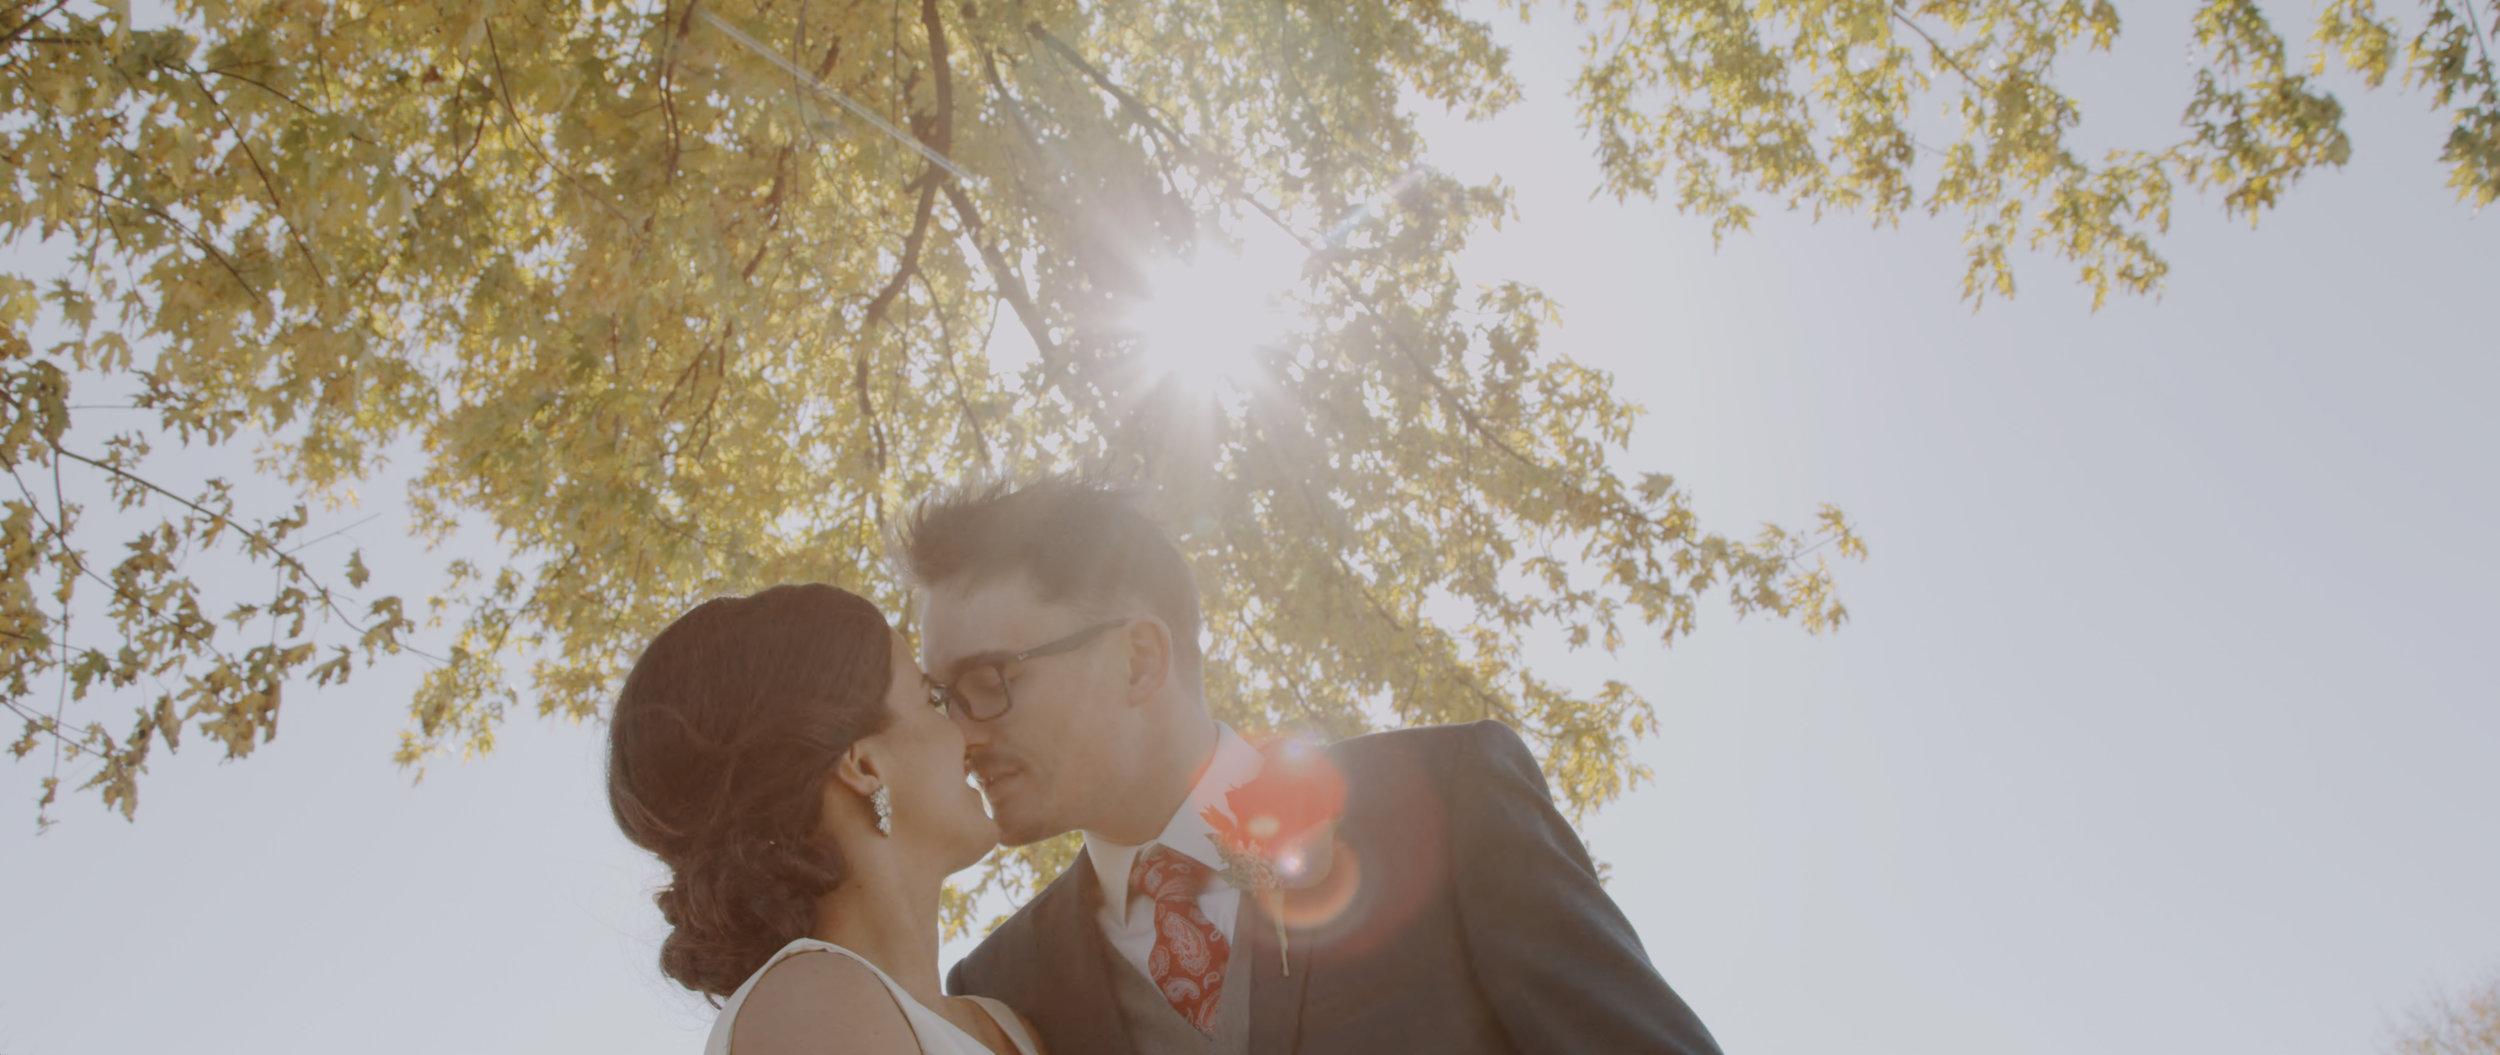 nasty lens flare kiss.jpg